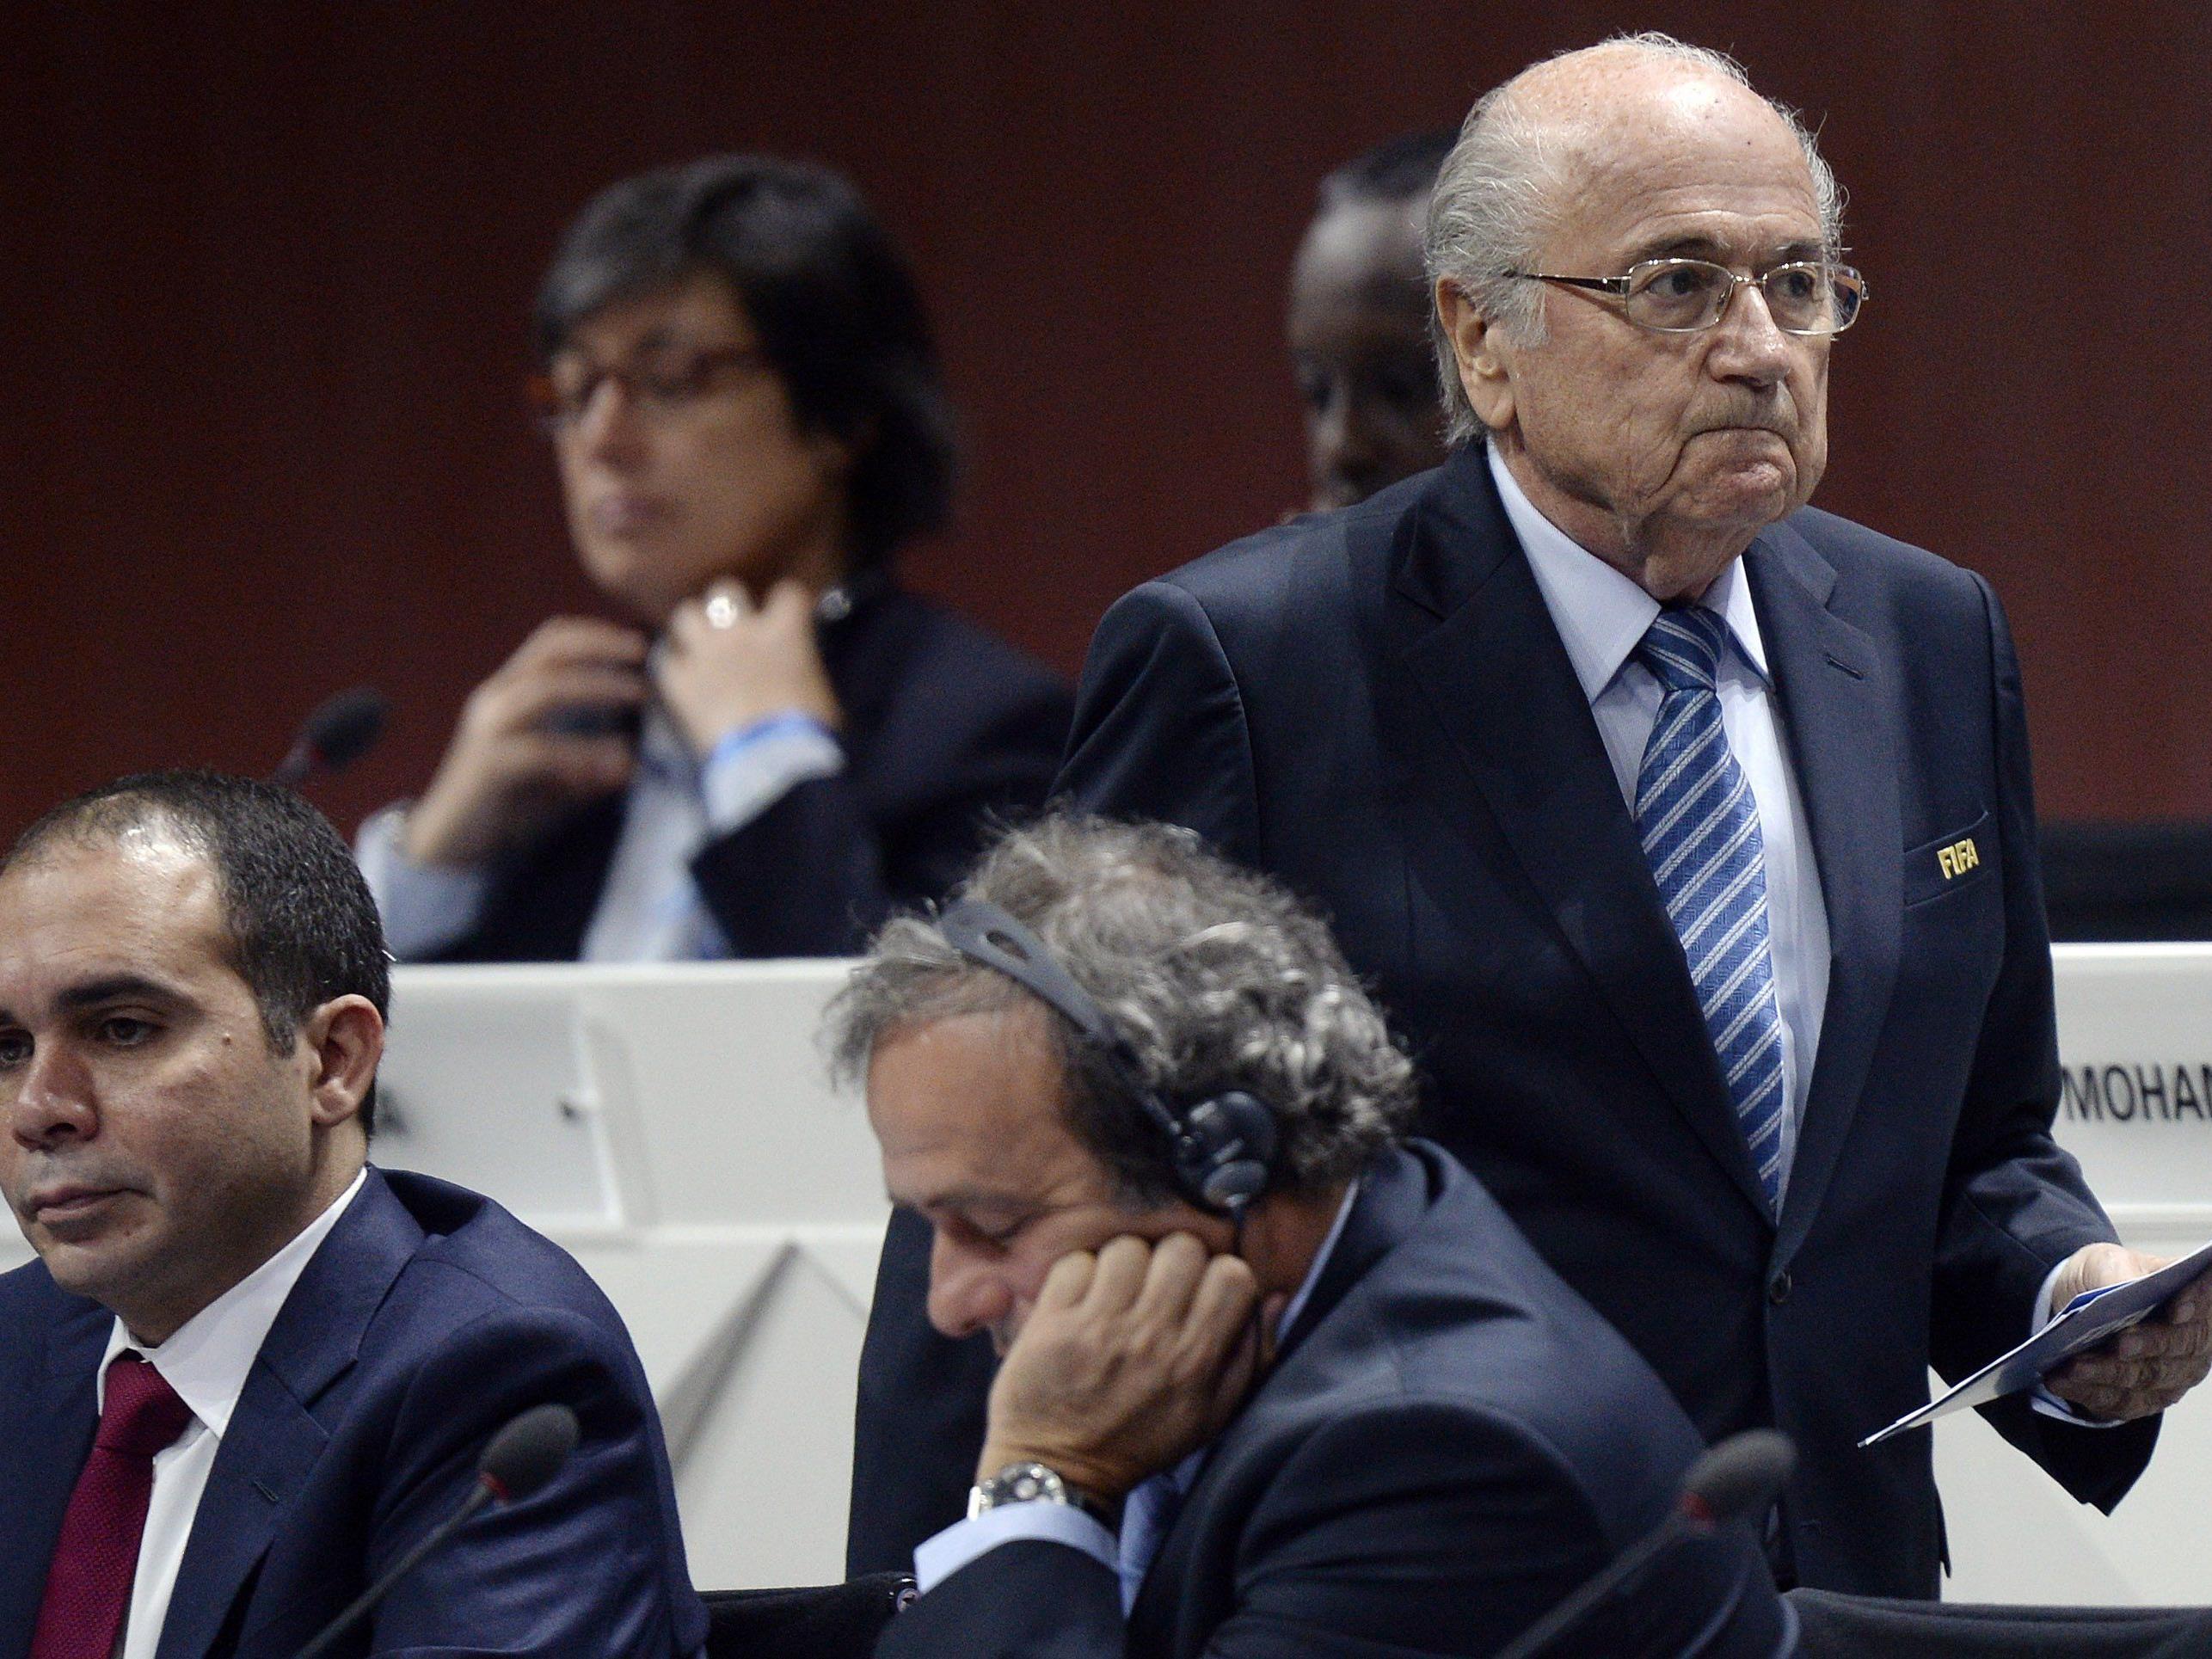 Strafverfahren gegen Blatter eröffnet - Auch Platini im Visier